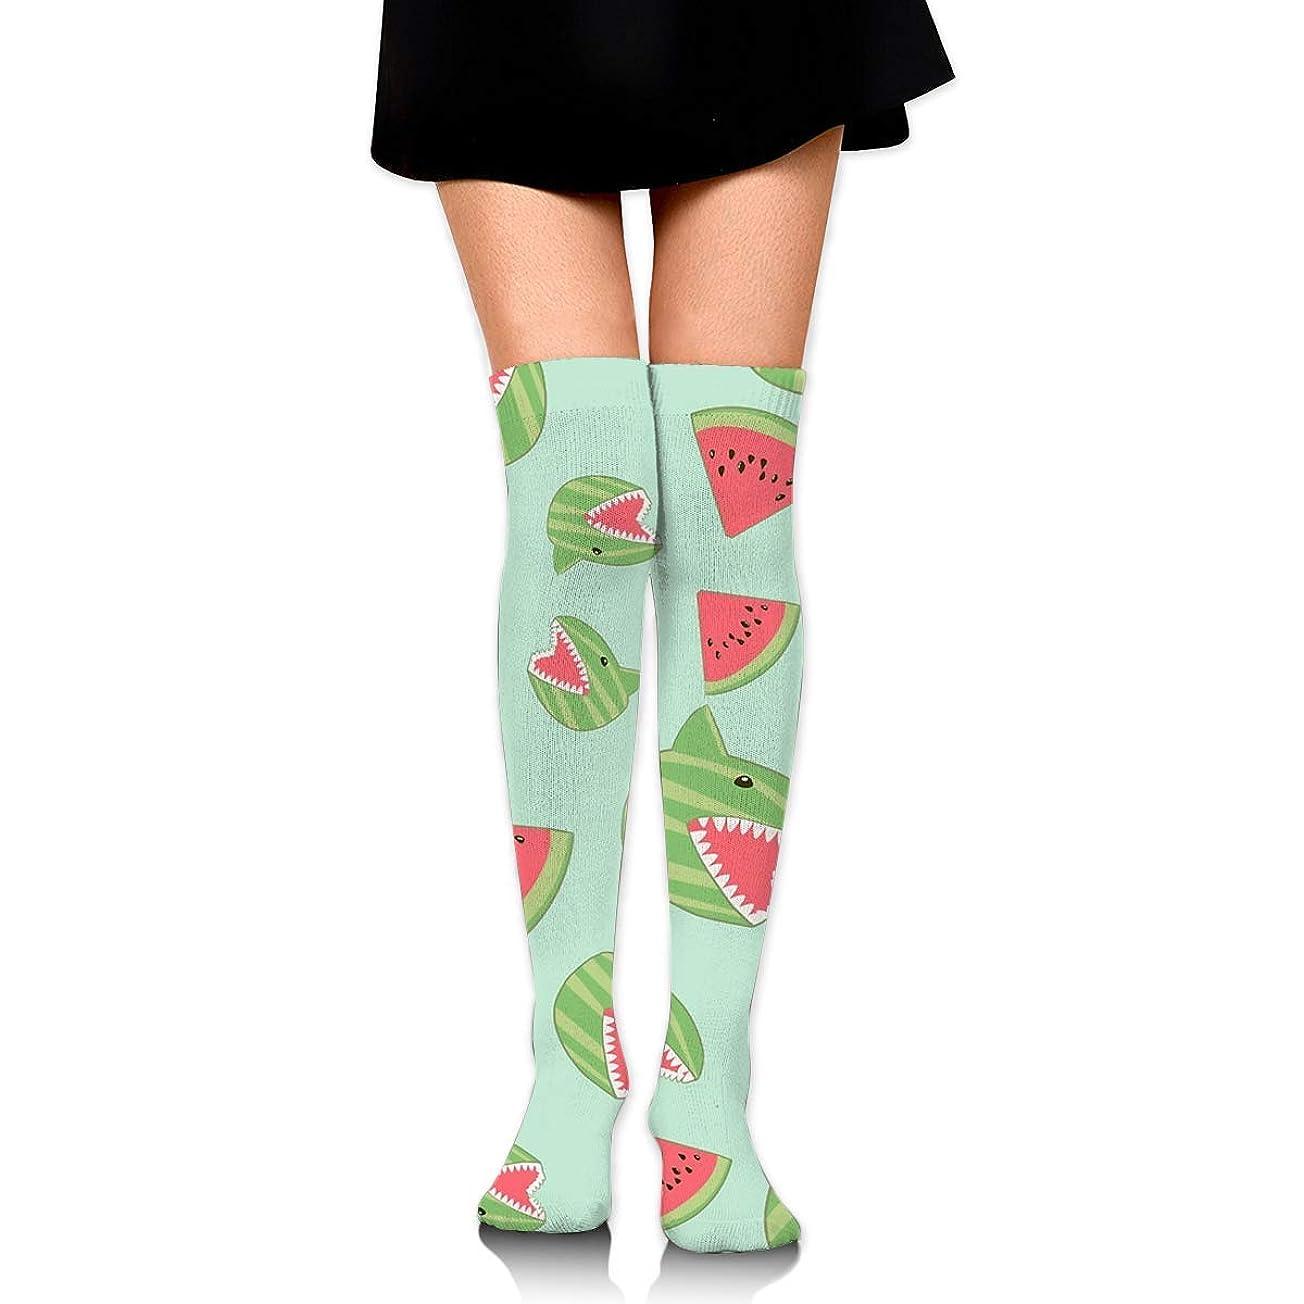 弓かんたんシチリアMKLOS 通気性 圧縮ソックス Breathable Thigh High Socks Over Exotic Psychedelic Print Compression High Tube Thigh Boot Stockings Knee High Funny Watermelon Shark Mint Green Stockings Women Girl